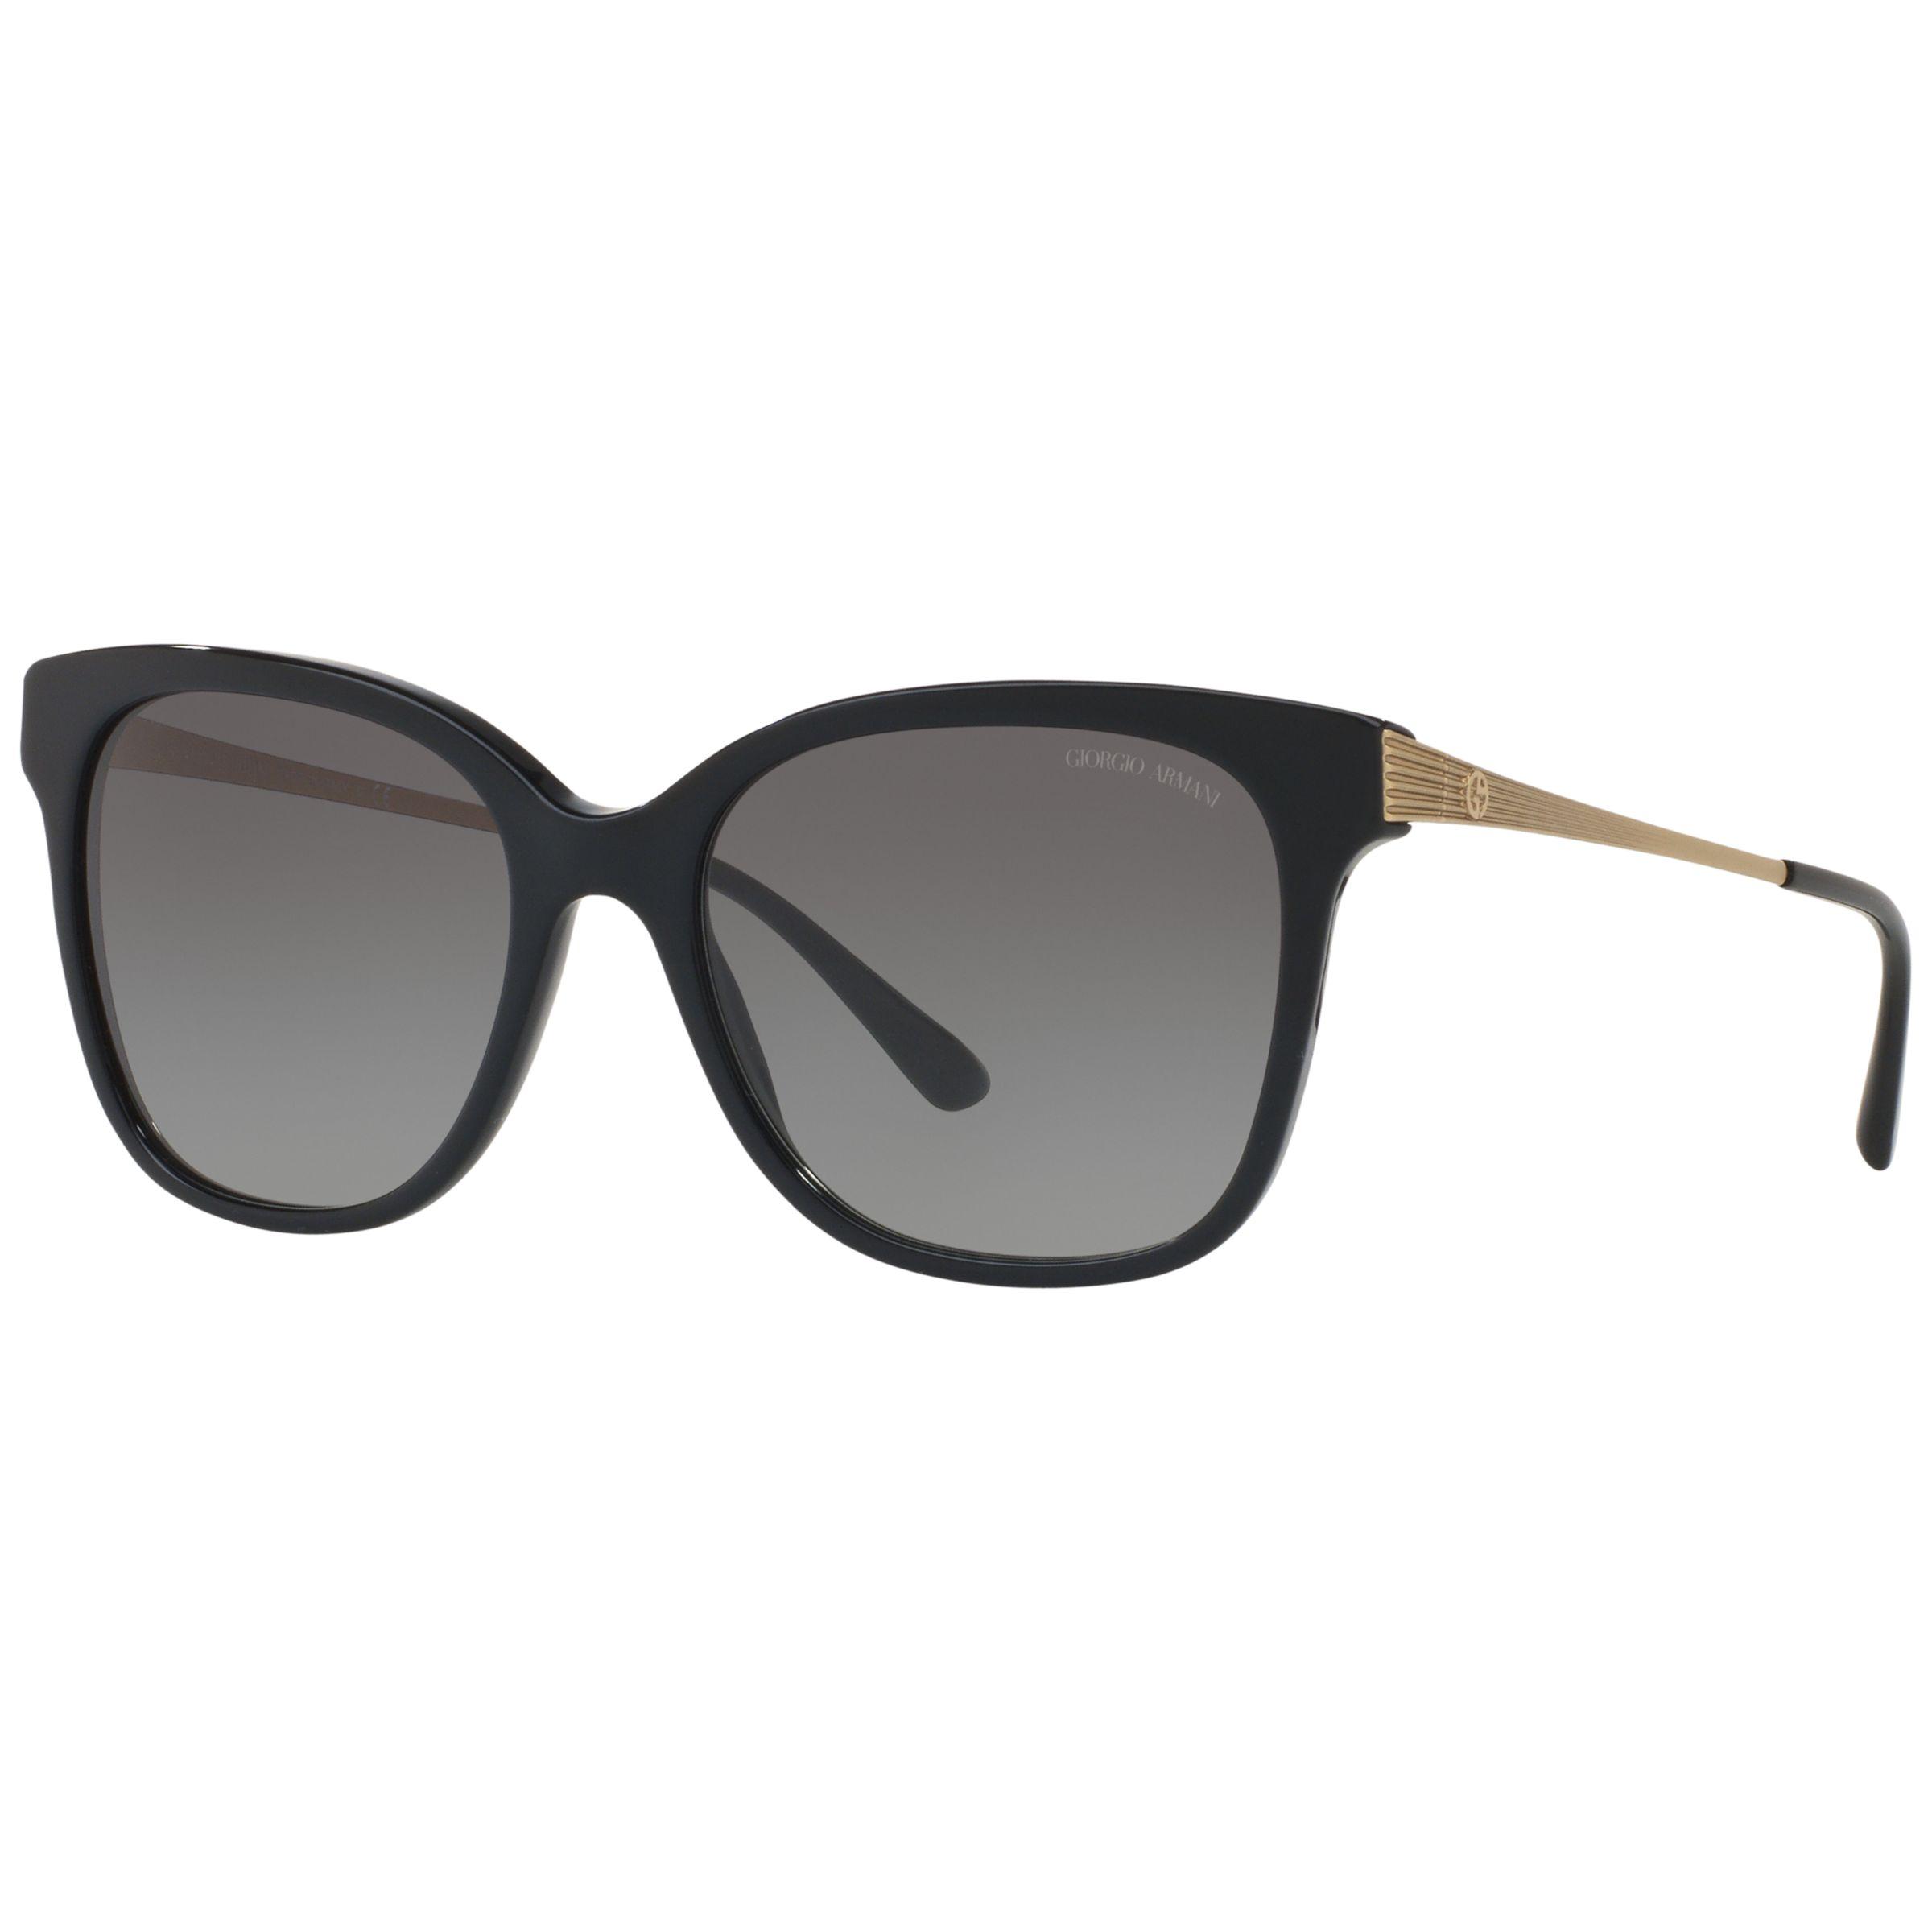 Giorgio Armani Giorgio Armani AR8074 Gradient Square Sunglasses, Black